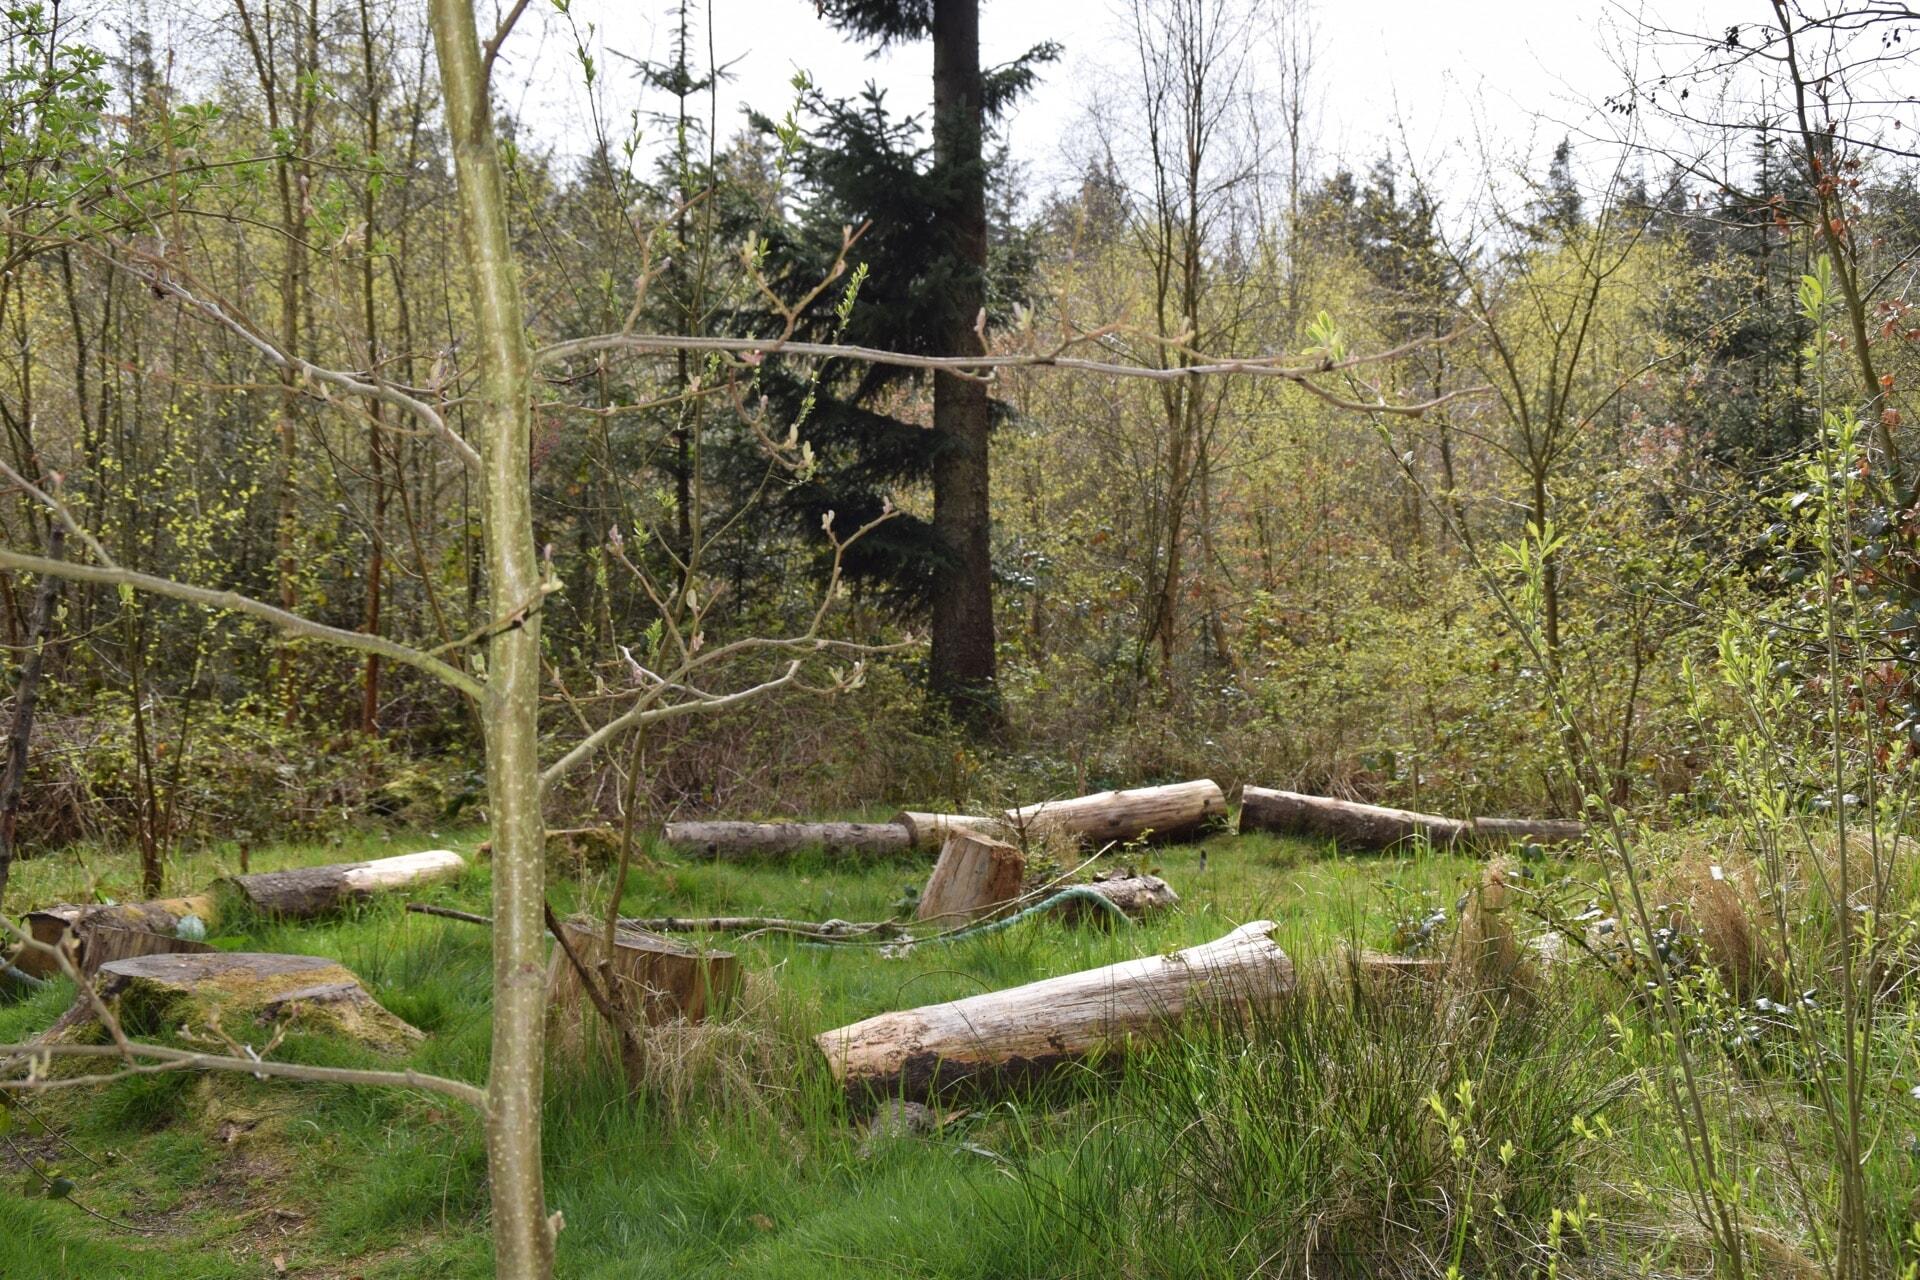 Sitzgelegenheiten im Wald